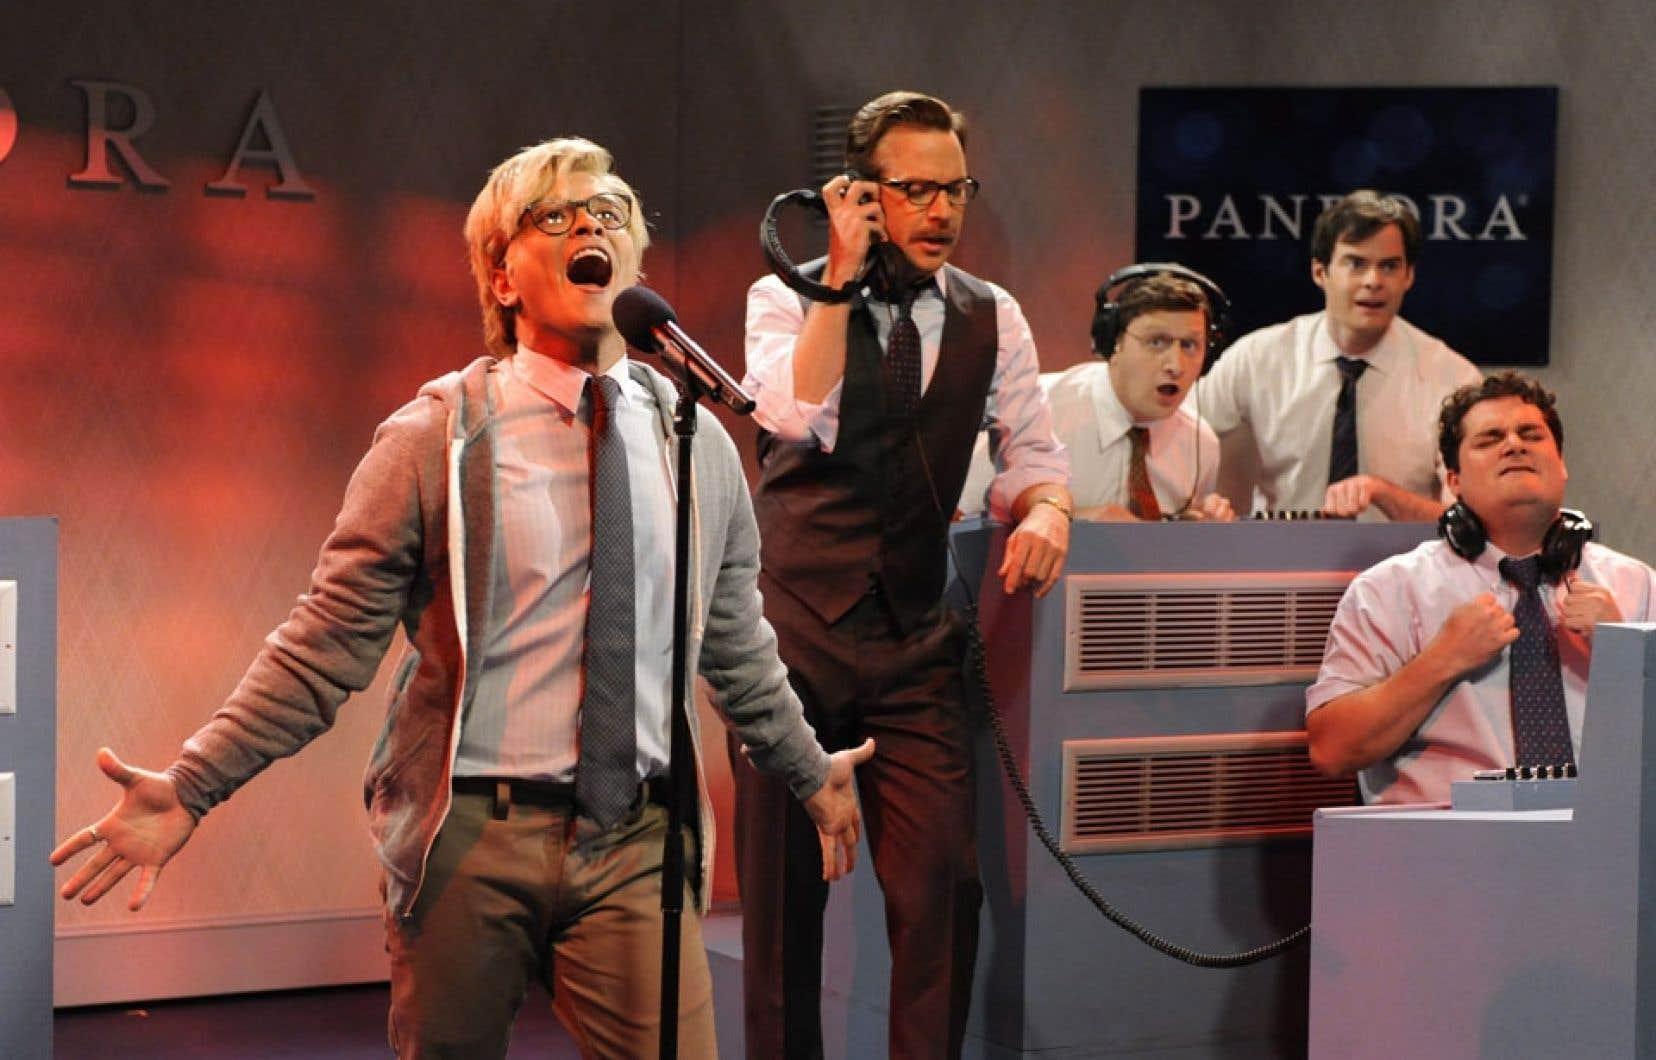 Saturday Night Live est un classique show de variétés avec sketches, prestation musicale, bulletin de nouvelles bidon et monologue d'un animateur différent chaque semaine.